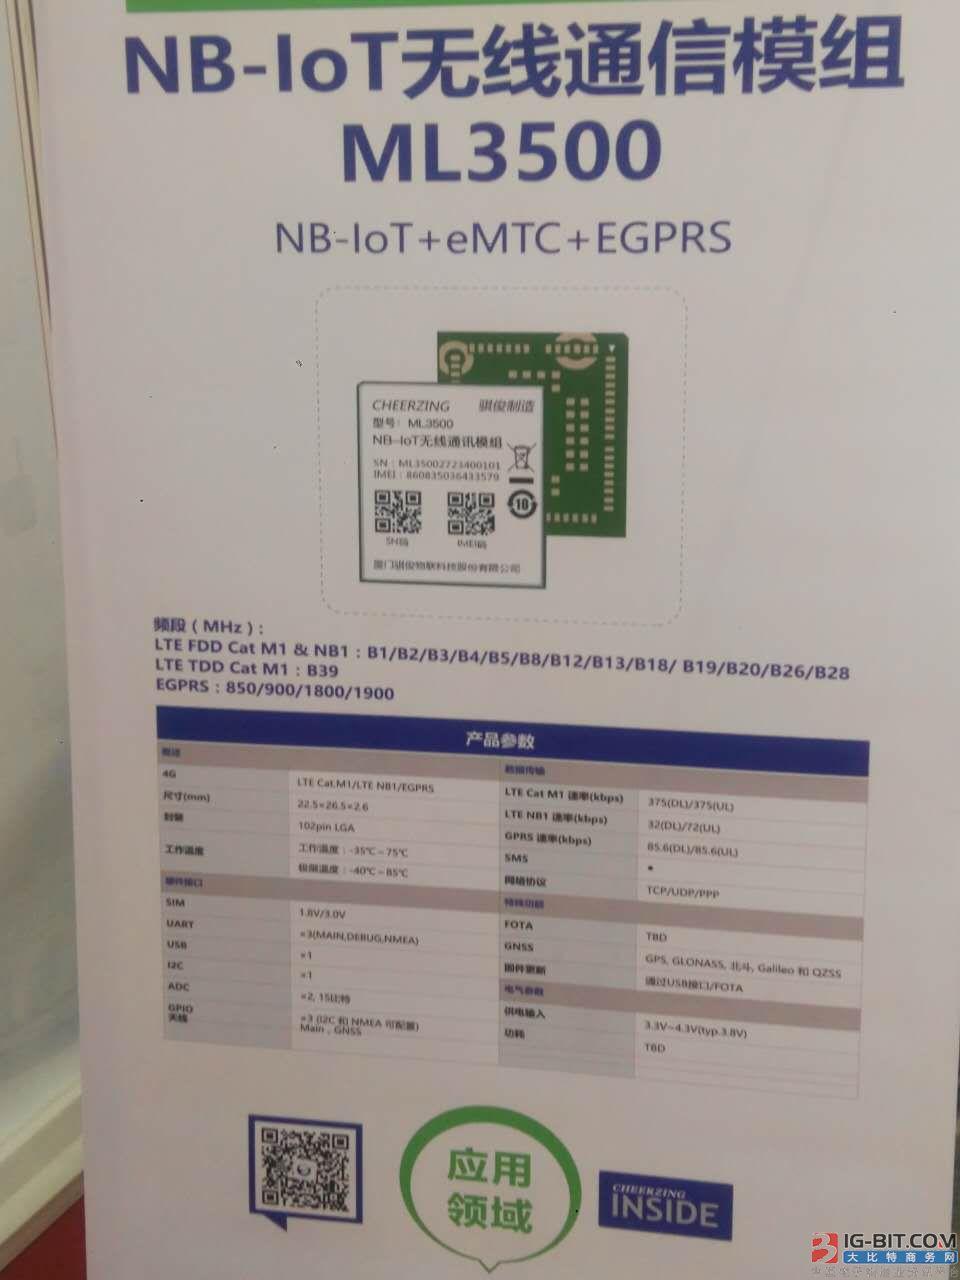 图:骐俊NB-IoT无线通信模组ML3500